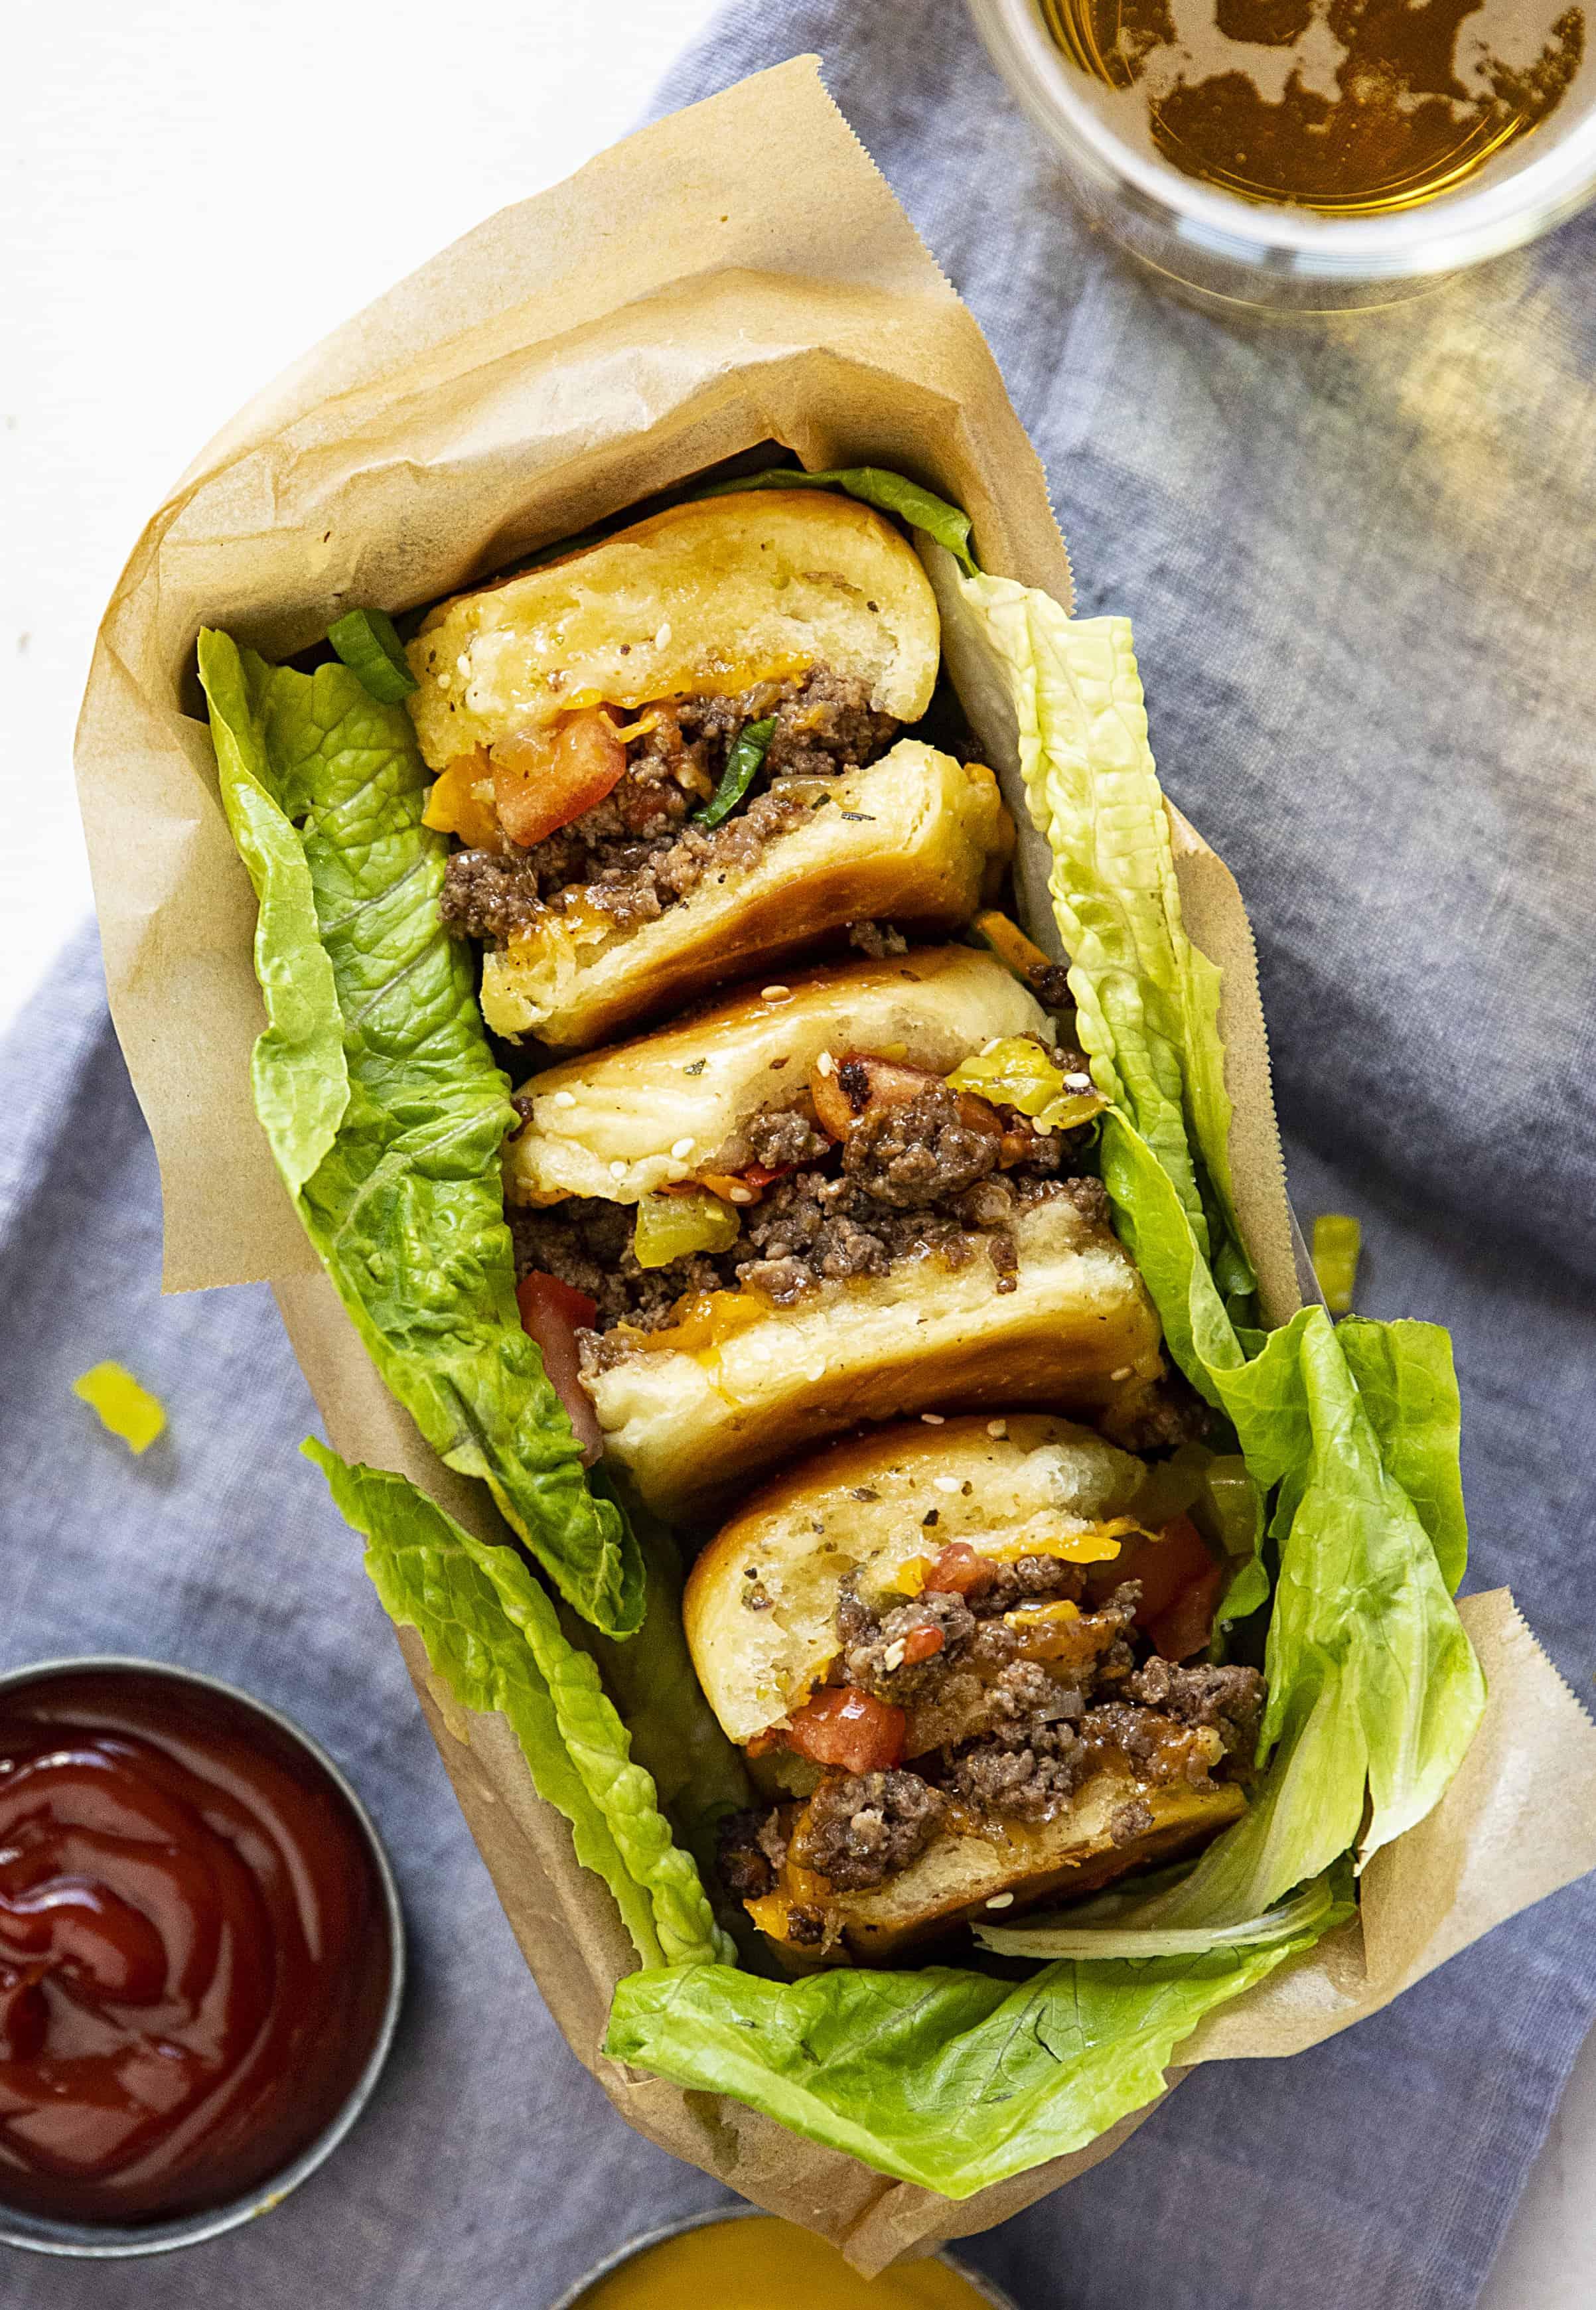 Cheeseburger sliders in a basket